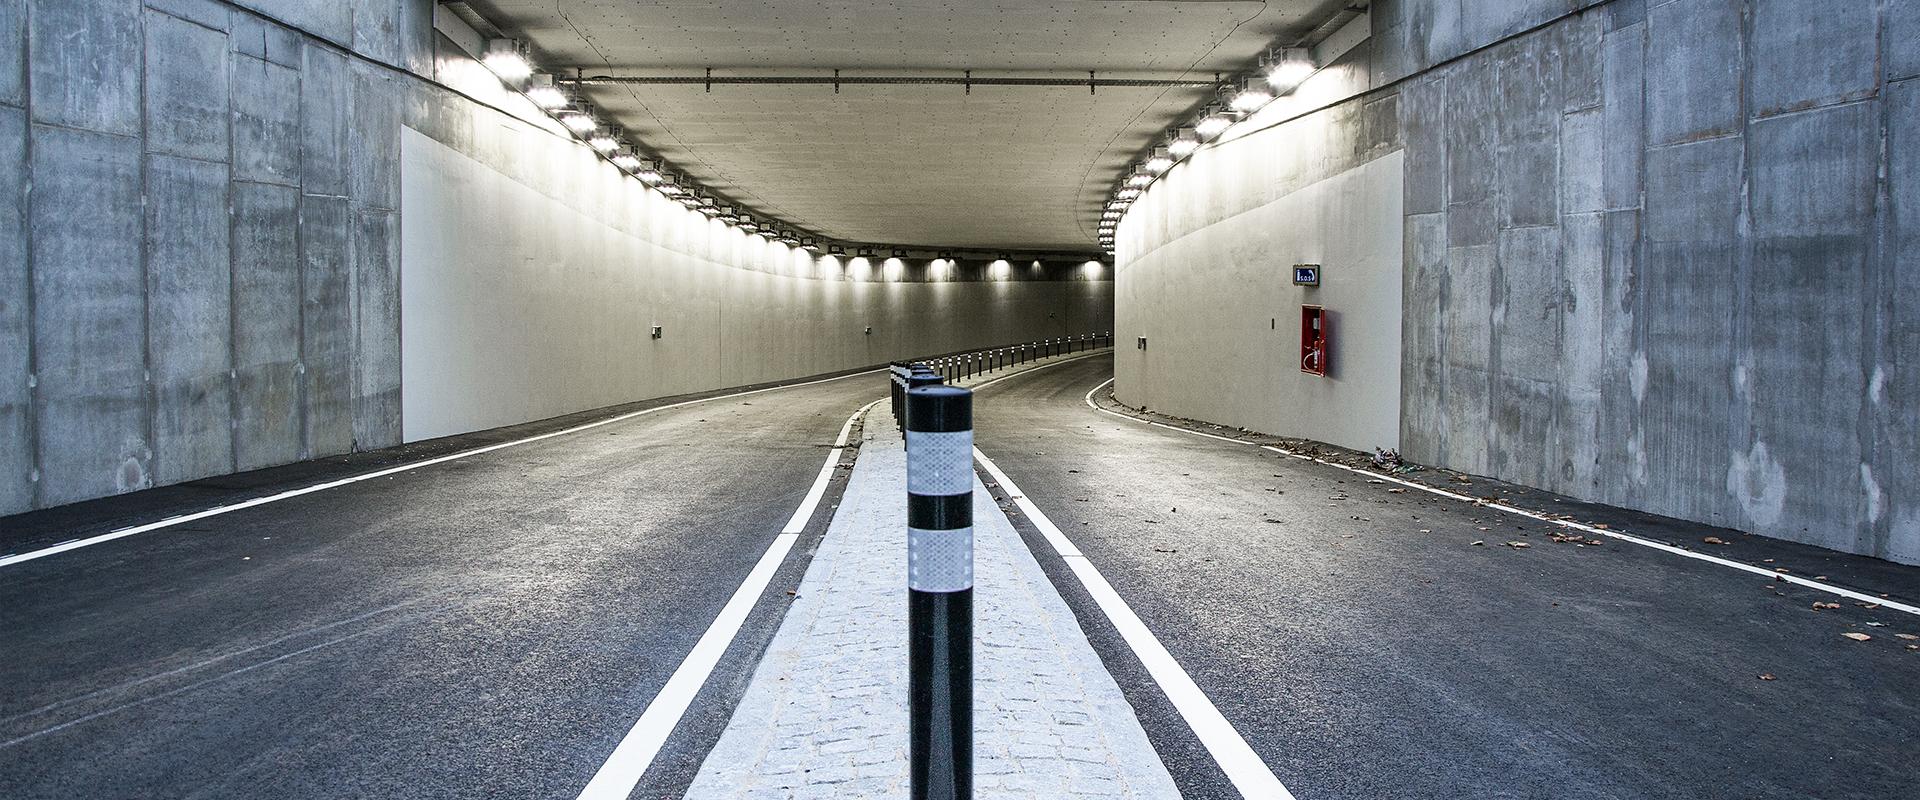 Illuminazione tunnel